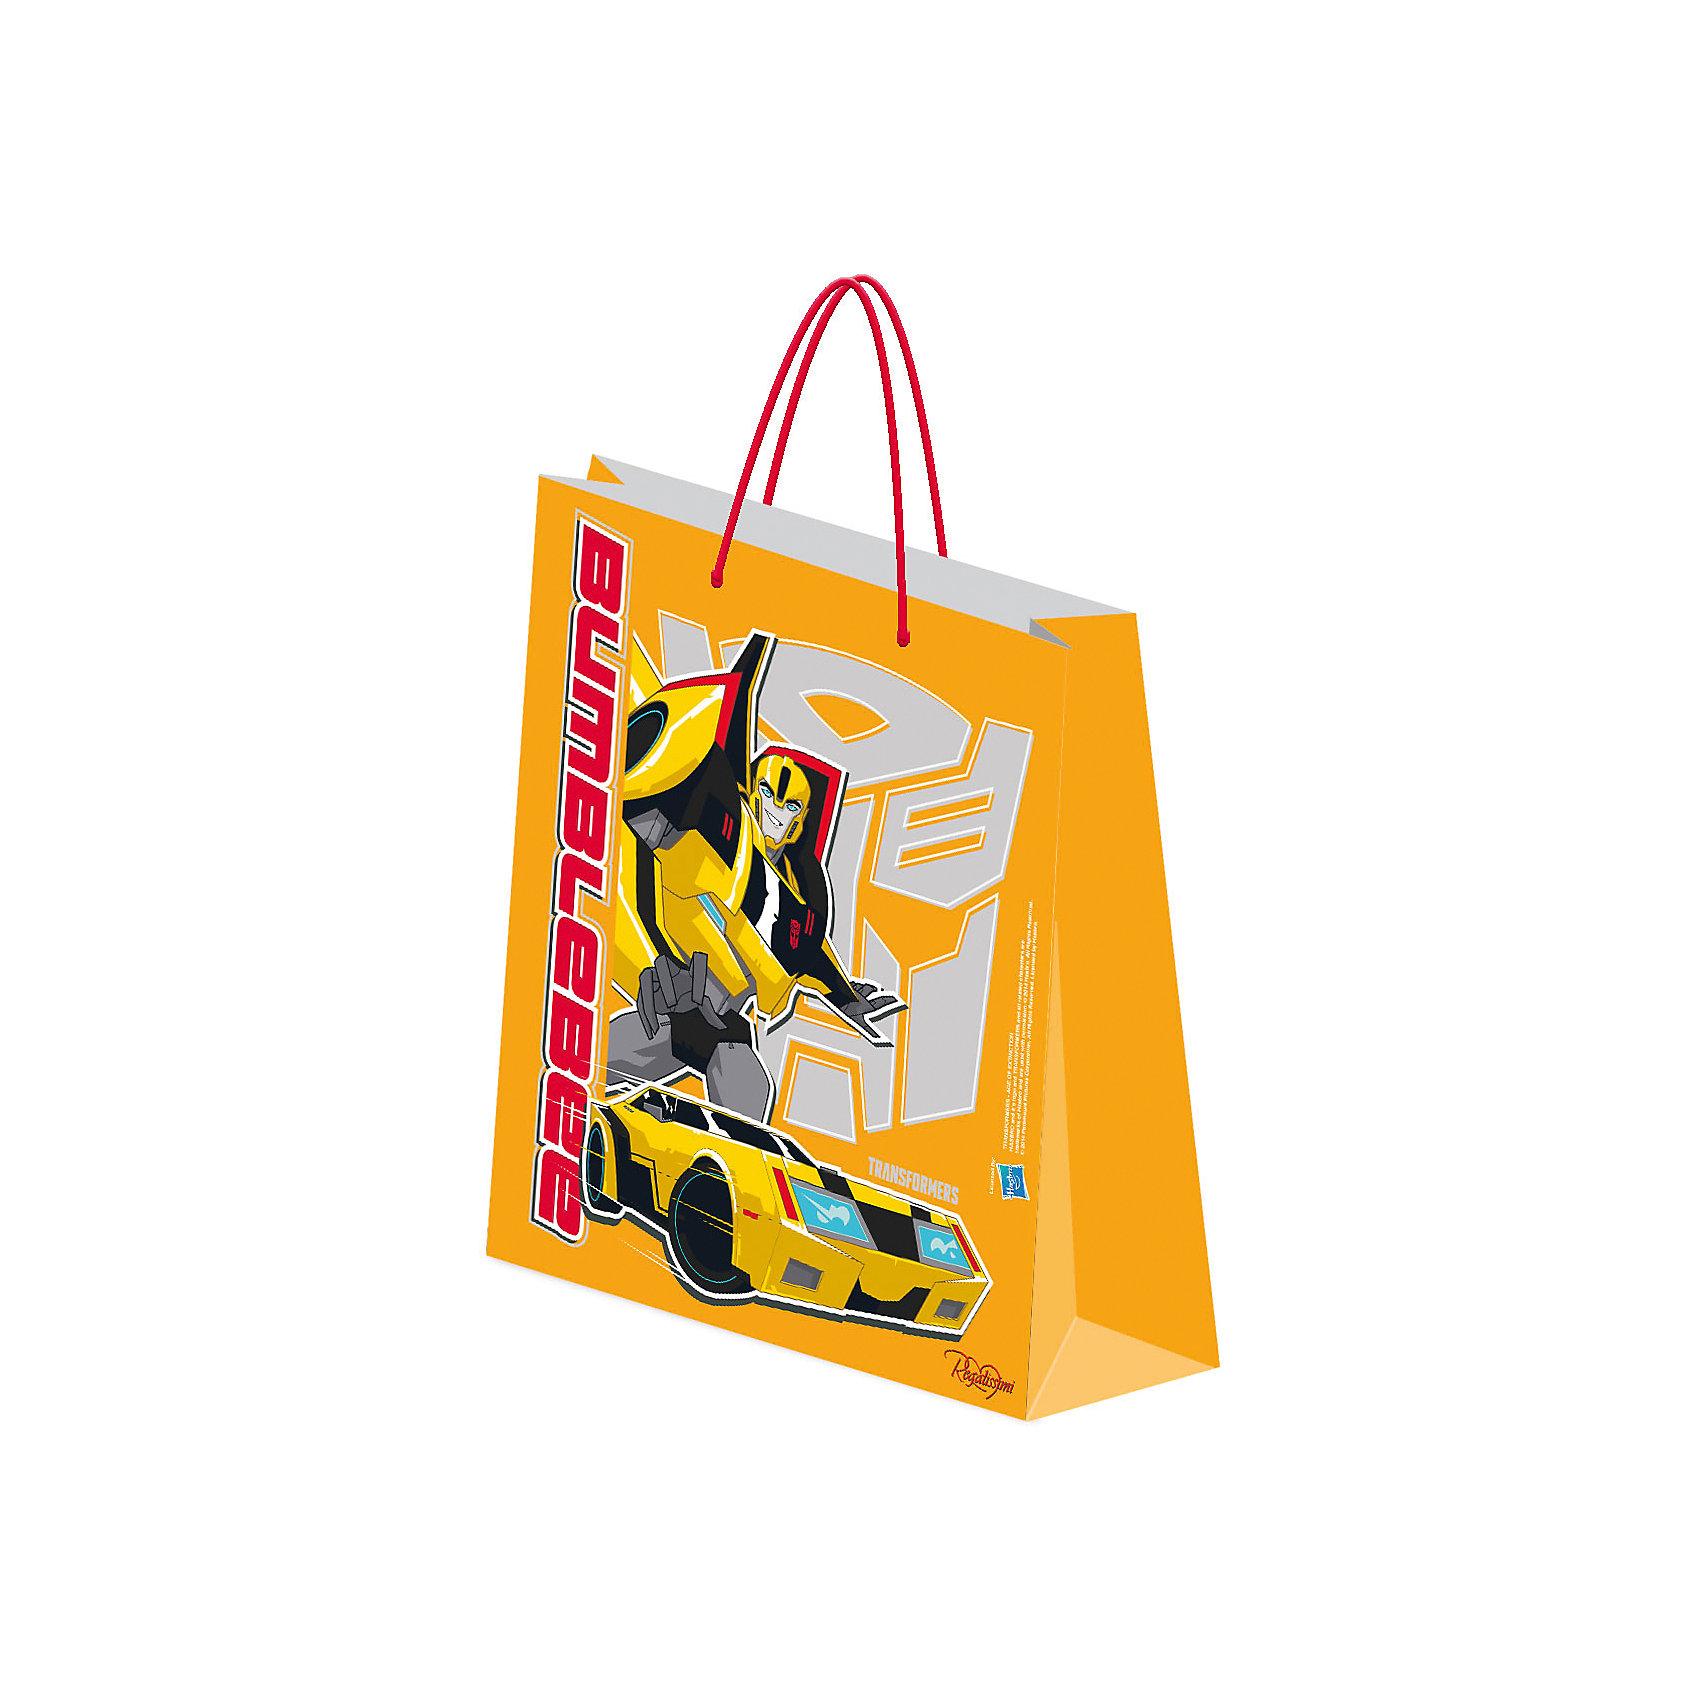 Пакет бумажный подарочный, ТрансформерыТрансформеры<br>Пакет подарочный.<br><br>Характеристики:<br><br>- Размер упаковки: 18х21х8,5 см.<br>- Вес: 34г.<br><br>Подарочный пакет станет замечательным аксессуаром для детского праздника или тематической вечеринки. С его помощью Вы сможете красиво оформить подарки, памятные сувениры или сюрпризы для конкурсов. Пакет выполнен из плотной бумаги с эффектом матовой ламинации и украшен изображением популярных персонажей фильма Трансформеры. <br><br>Пакет подарочный , можно купить в нашем интернет- магазине.<br><br>Ширина мм: 2<br>Глубина мм: 180<br>Высота мм: 210<br>Вес г: 34<br>Возраст от месяцев: 96<br>Возраст до месяцев: 108<br>Пол: Мужской<br>Возраст: Детский<br>SKU: 5218422